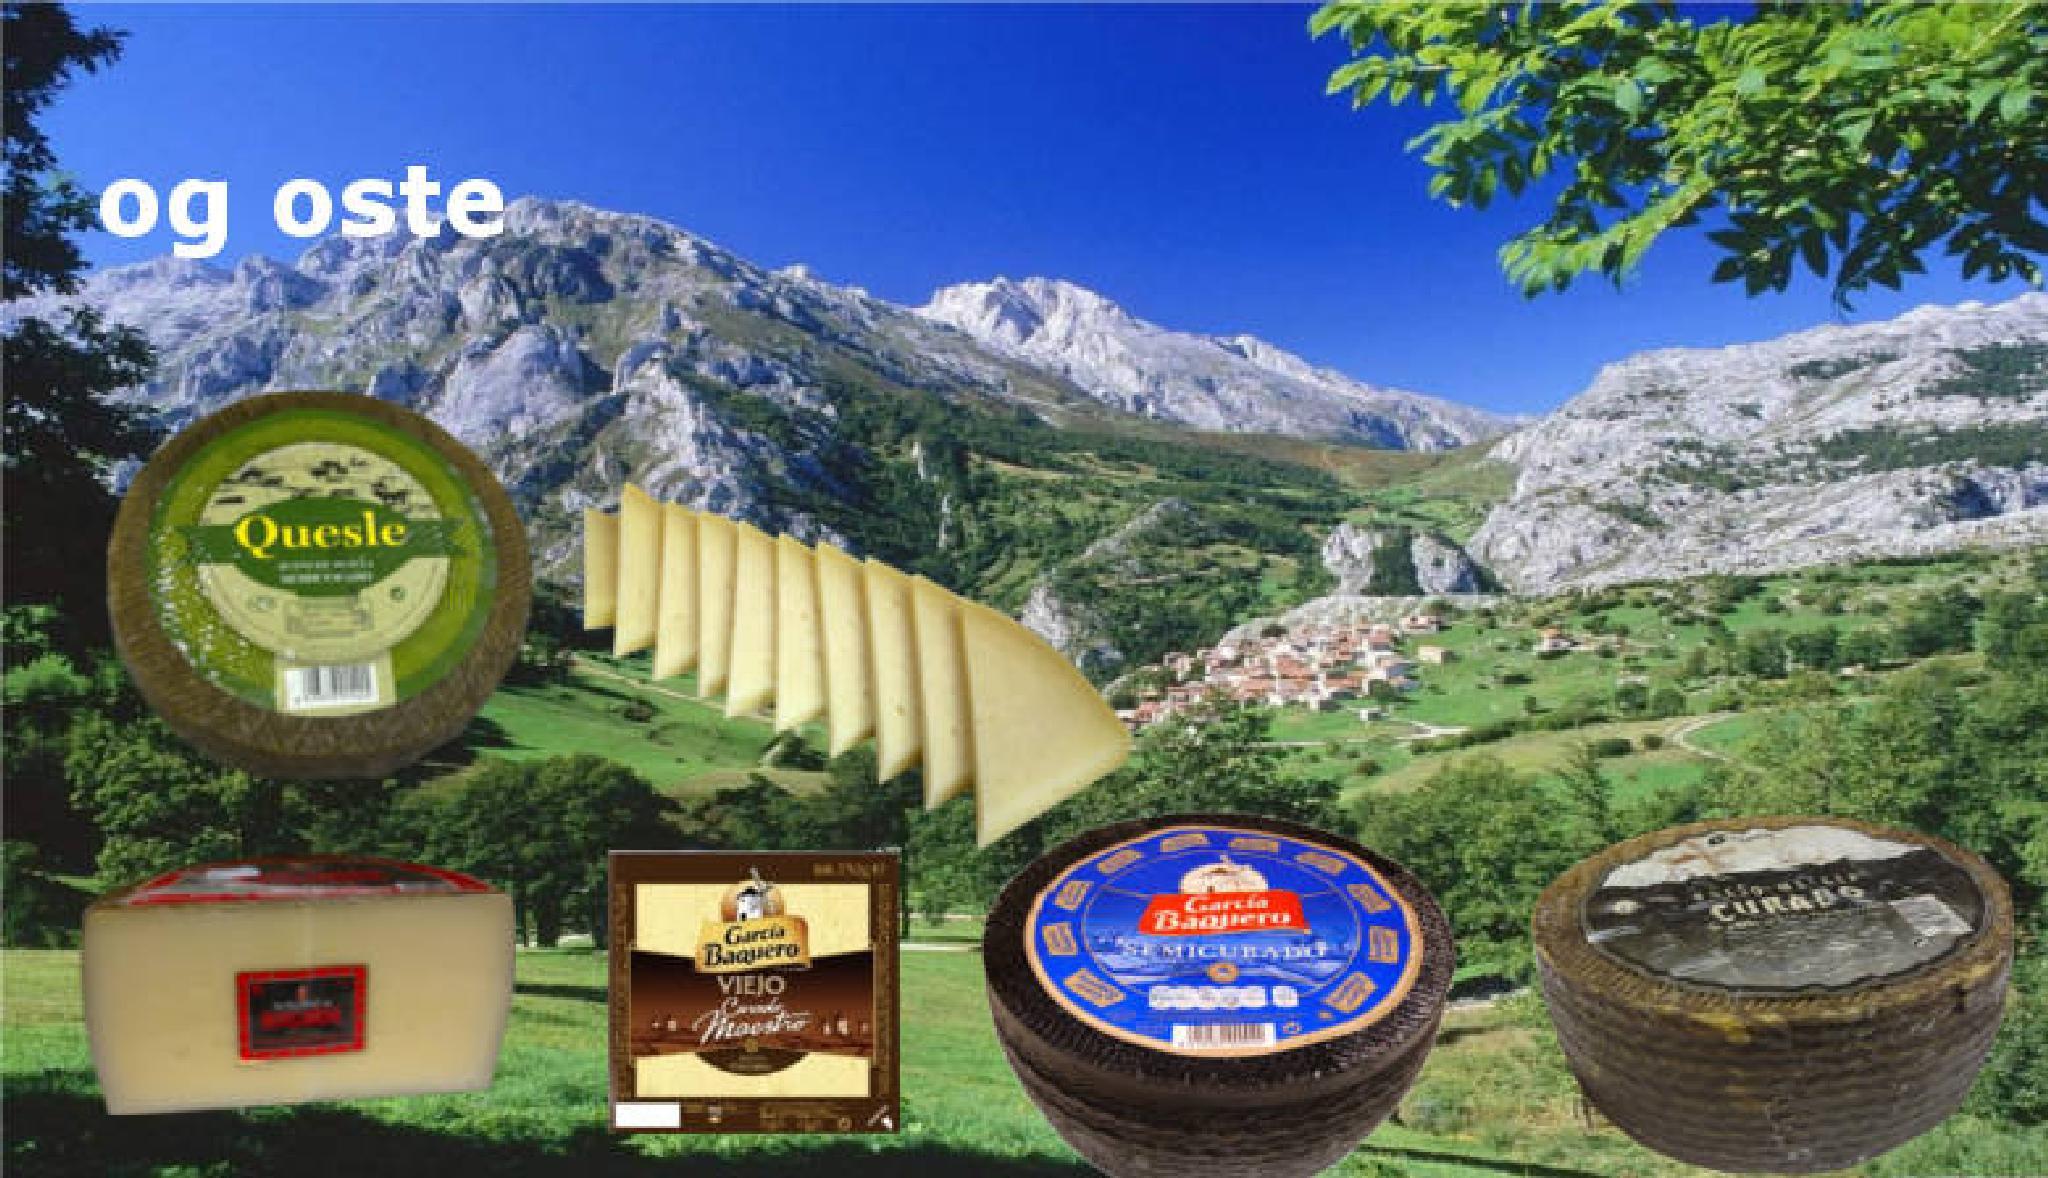 Med disse oste kan du gøre tapas by espanaencasada